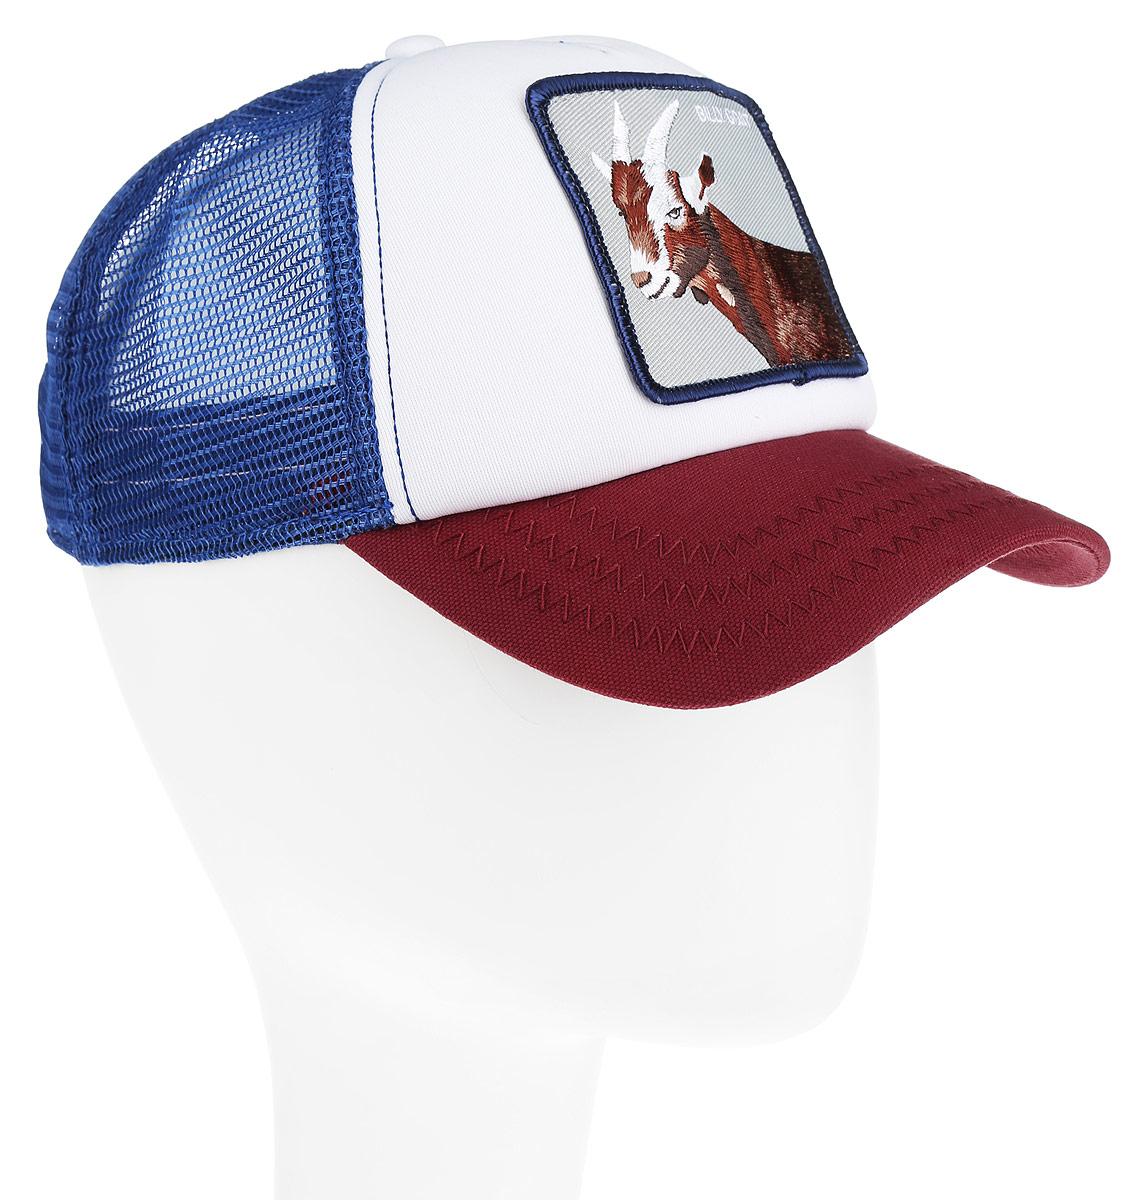 Бейсболка Goorin Brothers, цвет: белый, синий, темно-красный. 16-984-19-00. Размер универсальный16-984-19-00Стильная бейсболка Goorin Brothers, выполненная из высококачественных материалов, идеально подойдет для прогулок, занятия спортом и отдыха. Она надежно защитит вас от солнца и ветра. Классическая кепка с сетчатой задней частью станет правильным выбором. Изделие оформлено нашивкой с изображением козла и надписью Billy Goat. Объем бейсболки регулируется пластиковым фиксатором.Ничто не говорит о настоящем любителе путешествий больше, чем любимая кепка. Эта модель станет отличным аксессуаром и дополнит ваш повседневный образ.